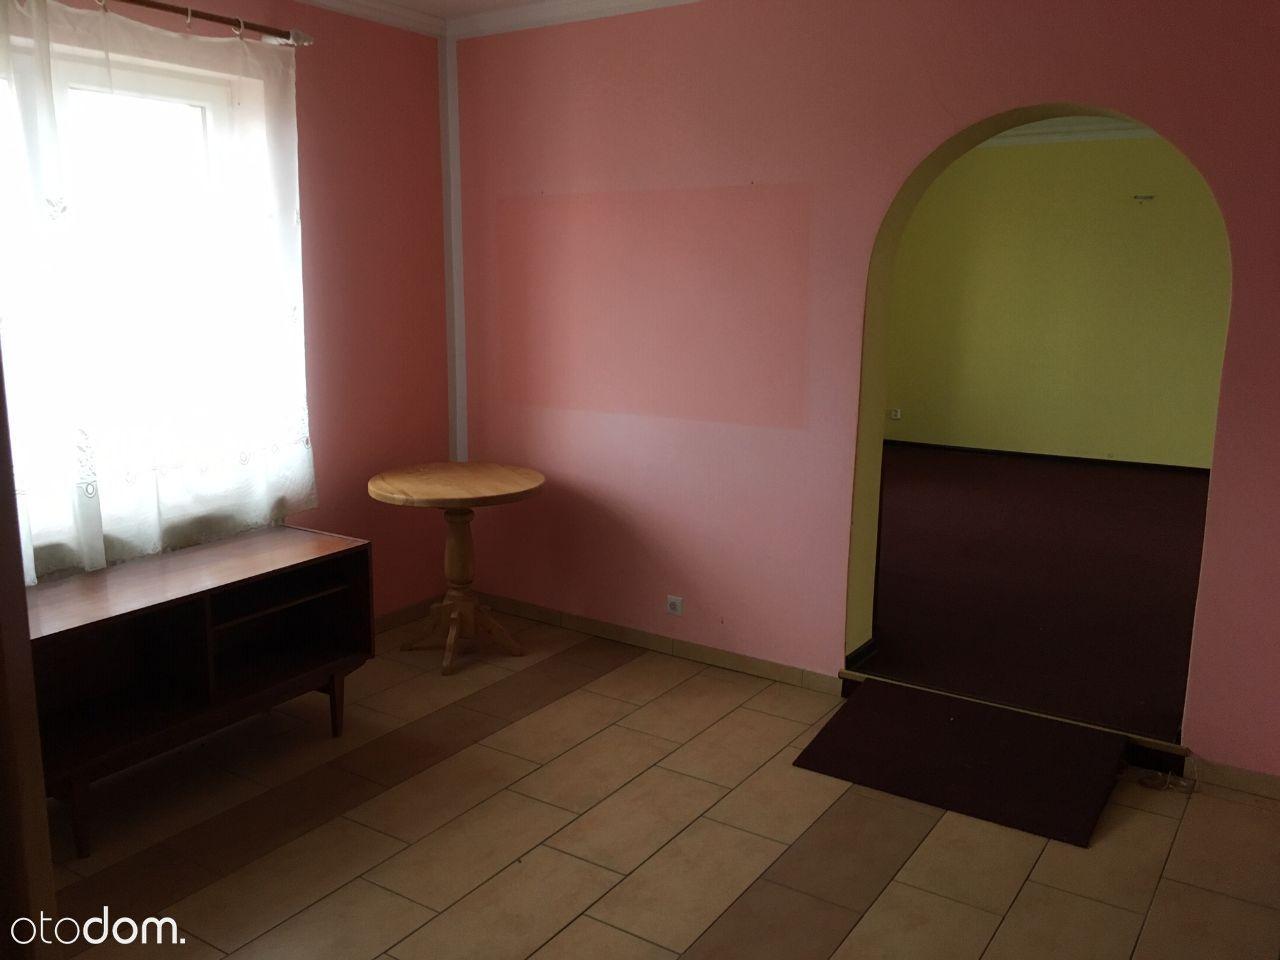 Dom na sprzedaż, Kowale Oleckie, olecki, warmińsko-mazurskie - Foto 4